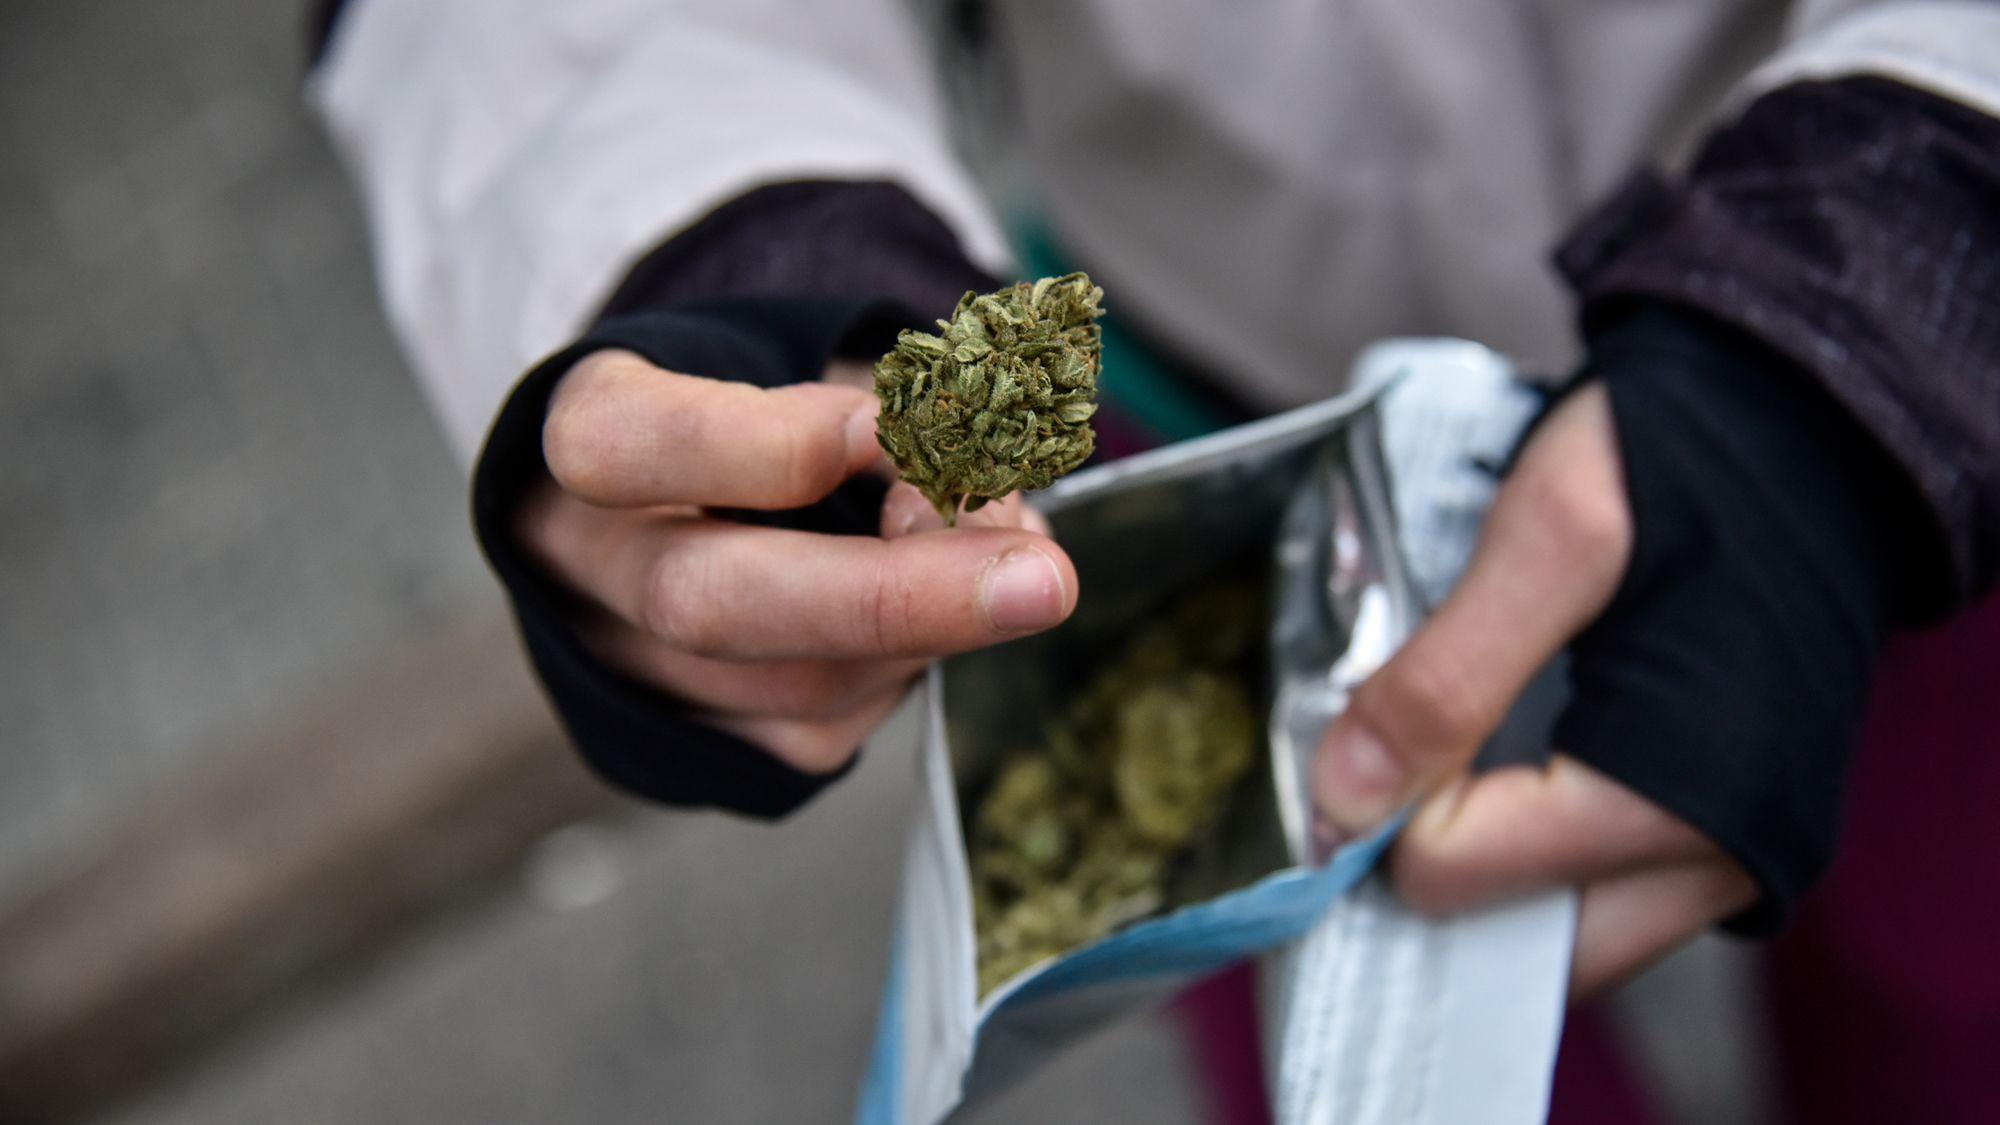 Los bancos ponen en jaque a la venta de marihuana